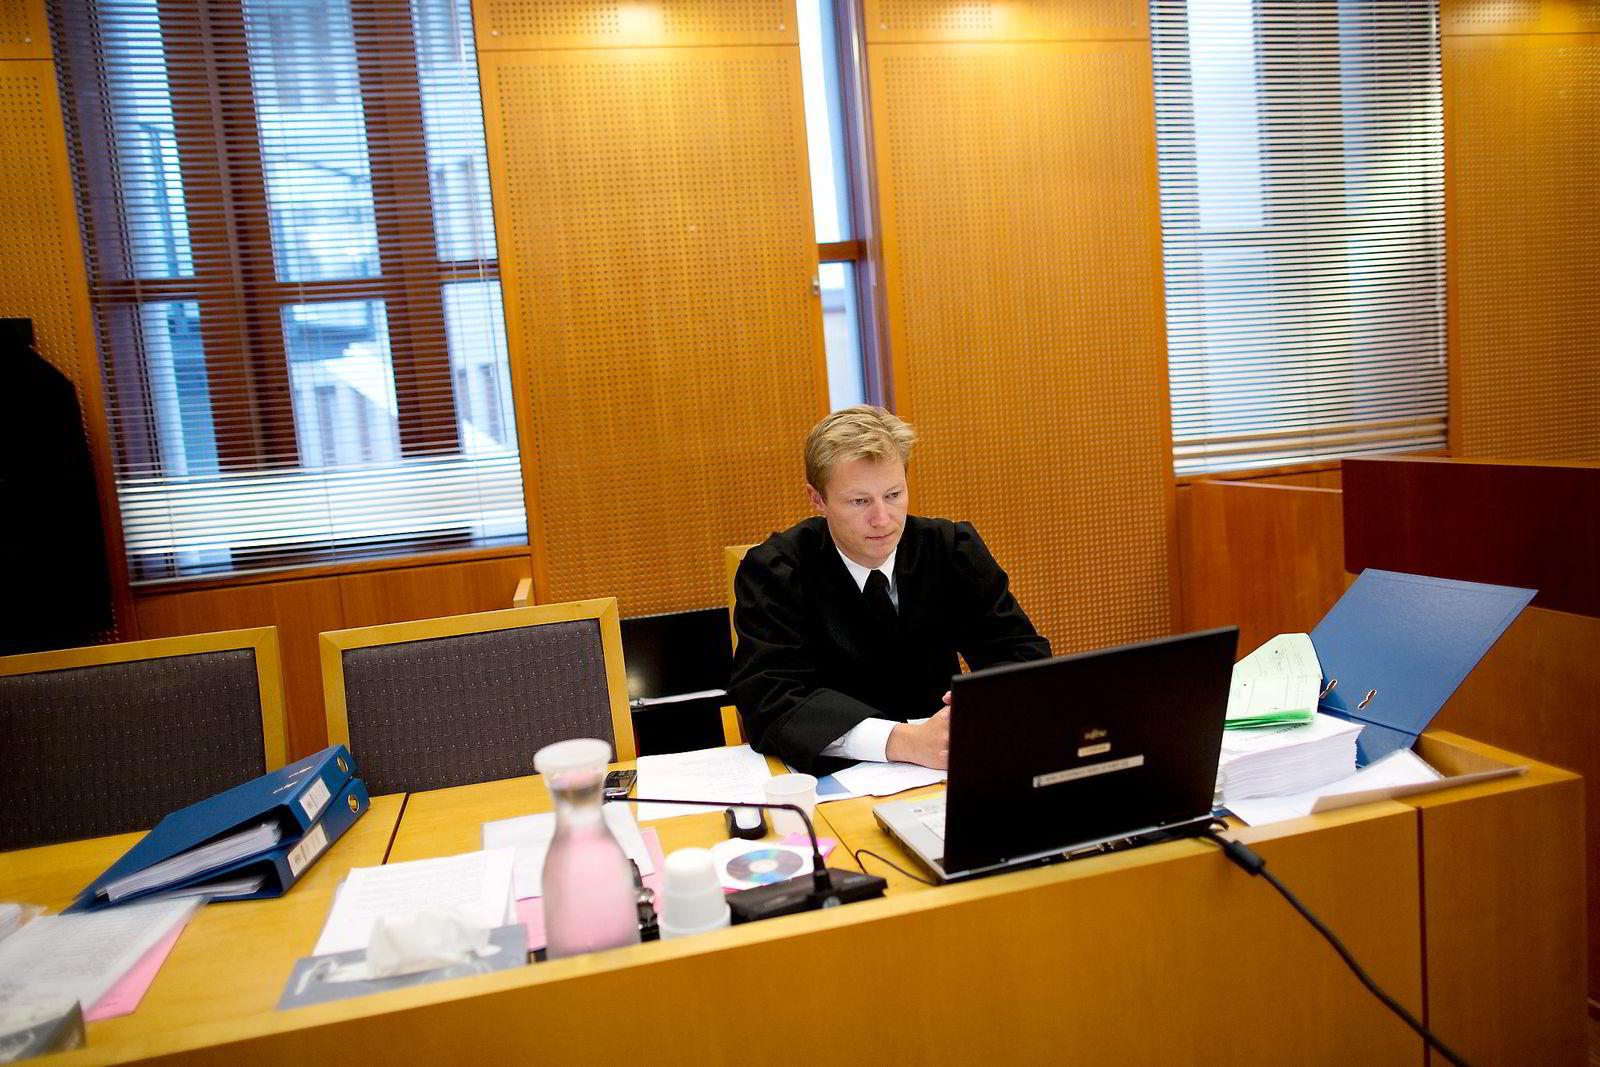 Politiinspektør Ole Rasmus Knudsen. Bildet er tatt i 2012, da Knudsen var aktor i en sak for Økokrim. Foto: Øyvind Elvsborg